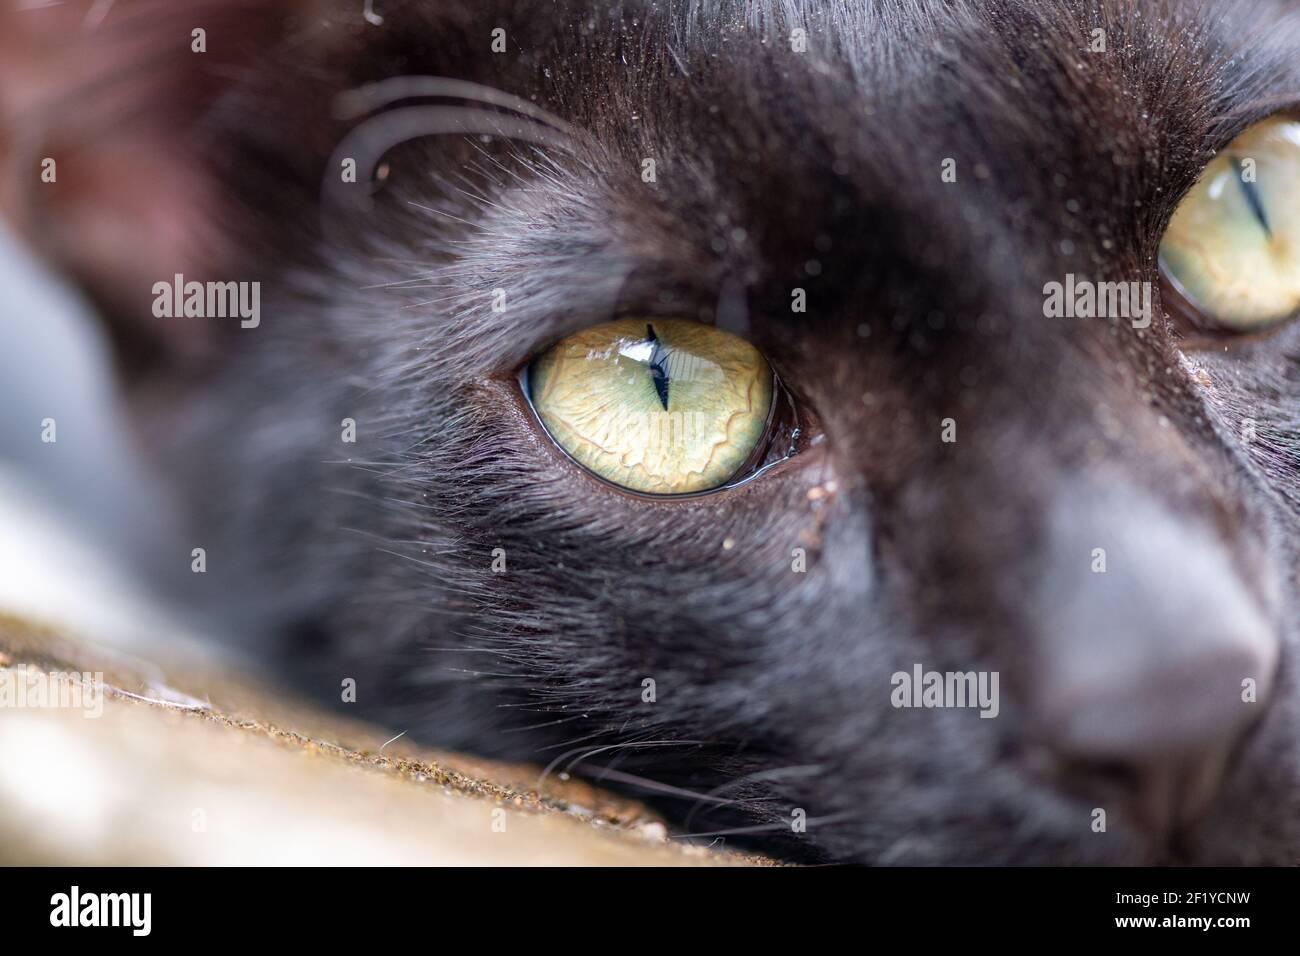 Primer plano de gato doméstico negro con ojos agudos en un día soleado Foto de stock